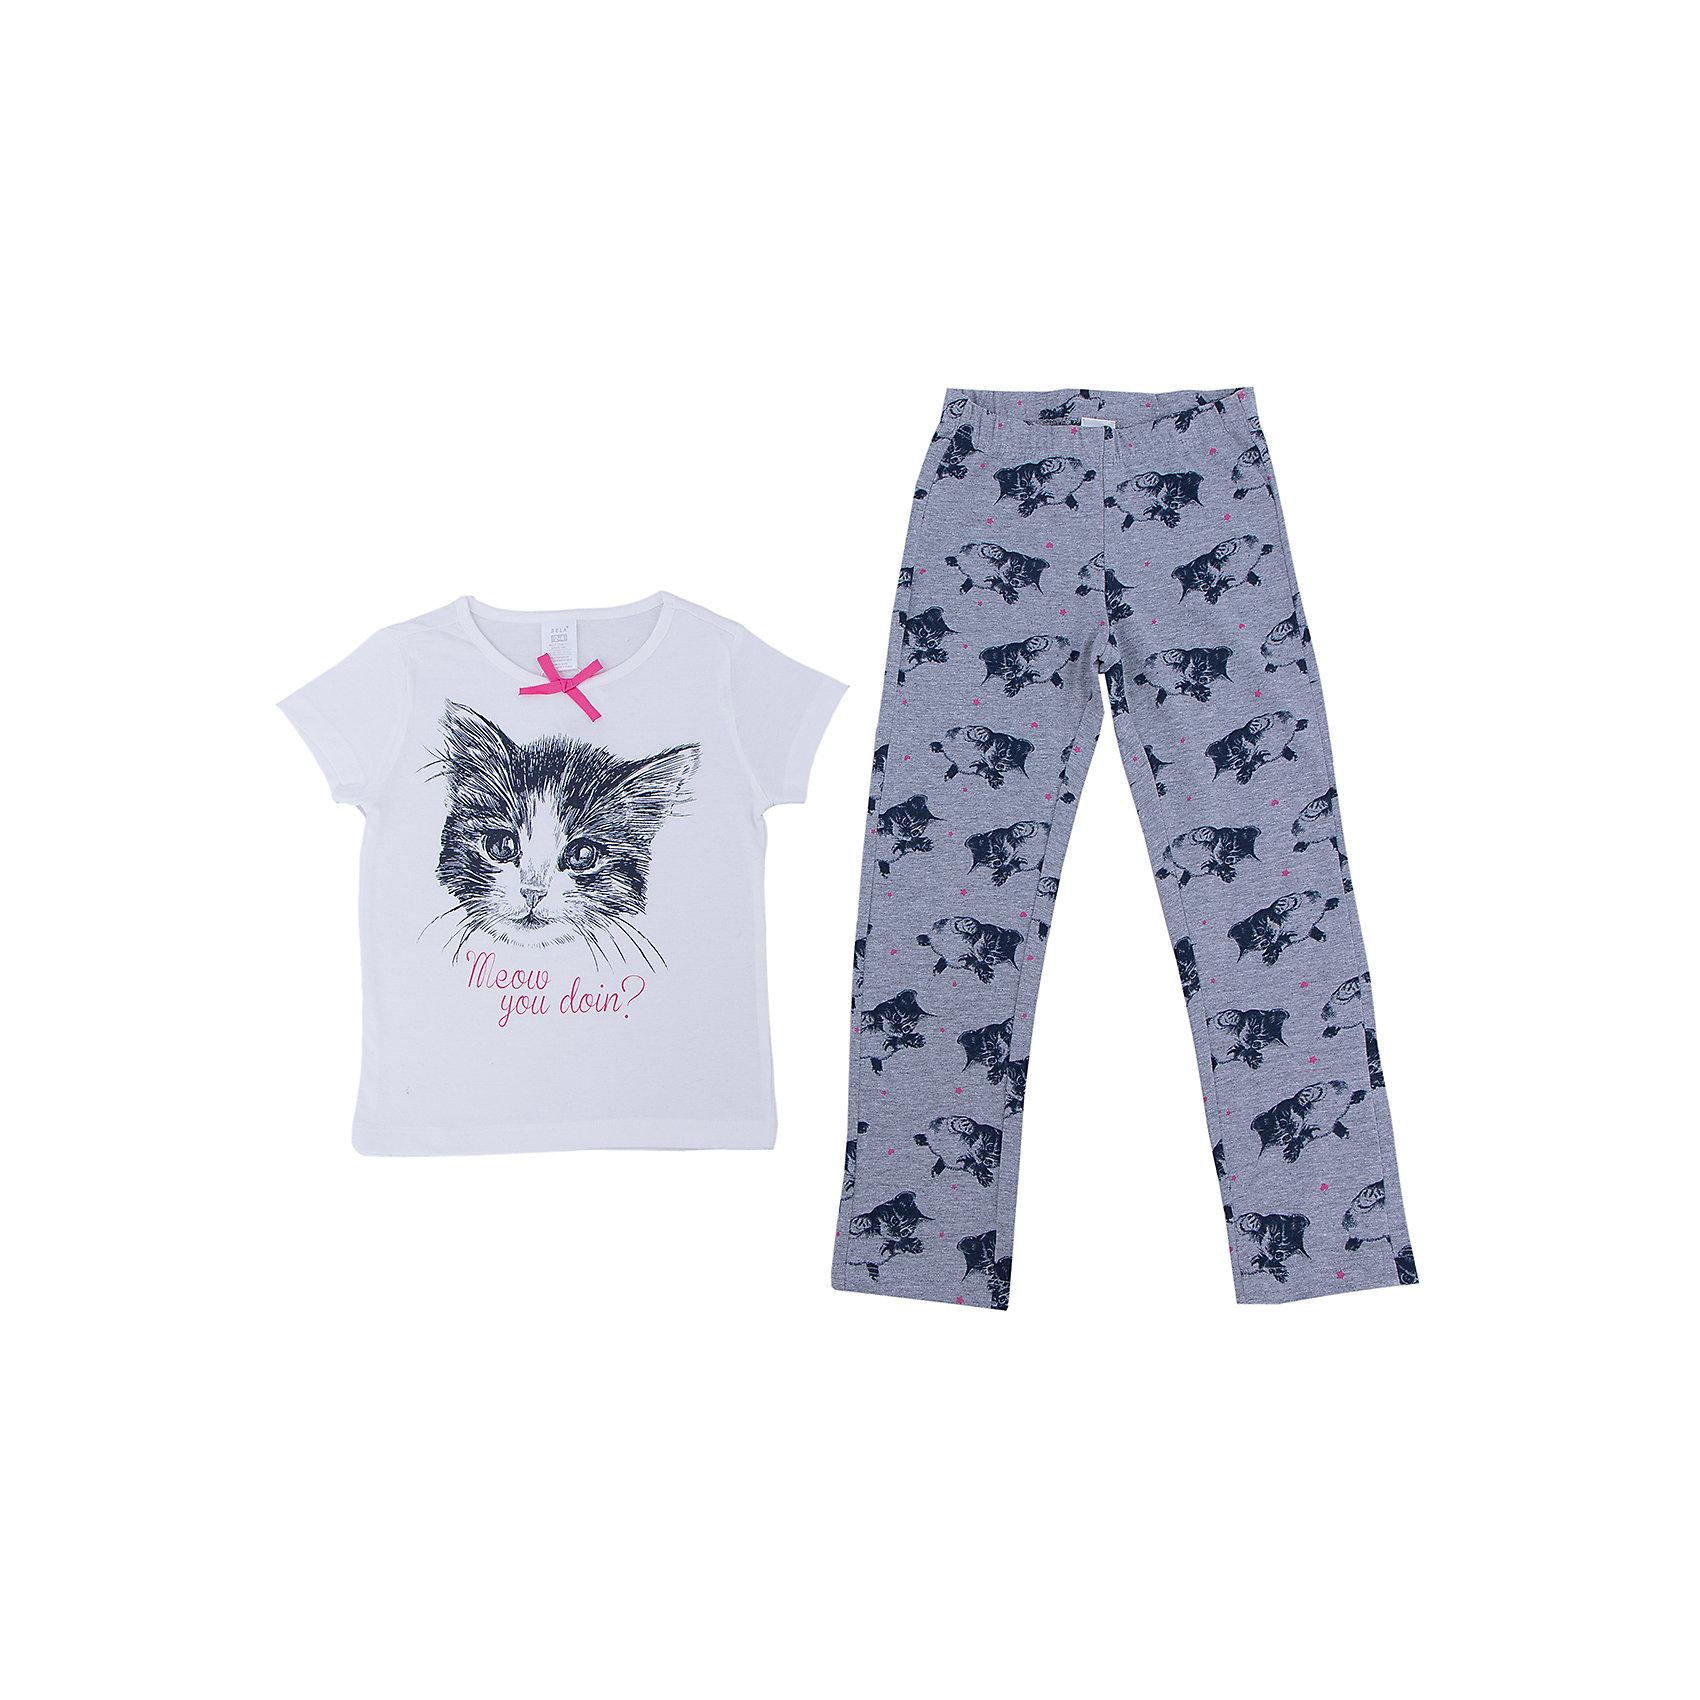 Пижама для девочки SELAУдобная пижама - неотъемлемая составляющая комфортного сна ребенка. Эта модель отлично сидит на девочке, она сшита из приятного на ощупь материала, мягкая и дышащая. Натуральный хлопок в составе ткани не вызывает аллергии и обеспечивает ребенку комфорт. В наборе - футболка и штаны, вещи украшены симпатичным принтом.<br>Одежда от бренда Sela (Села) - это качество по приемлемым ценам. Многие российские родители уже оценили преимущества продукции этой компании и всё чаще приобретают одежду и аксессуары Sela.<br><br>Дополнительная информация:<br><br>материал: 100% хлопок;<br>принт;<br>трикотаж.<br><br>Пижаму для девочки от бренда Sela можно купить в нашем интернет-магазине.<br><br>Ширина мм: 281<br>Глубина мм: 70<br>Высота мм: 188<br>Вес г: 295<br>Цвет: серый<br>Возраст от месяцев: 96<br>Возраст до месяцев: 108<br>Пол: Женский<br>Возраст: Детский<br>Размер: 128/134,116/122,104/110,92/98,140/146<br>SKU: 4944154